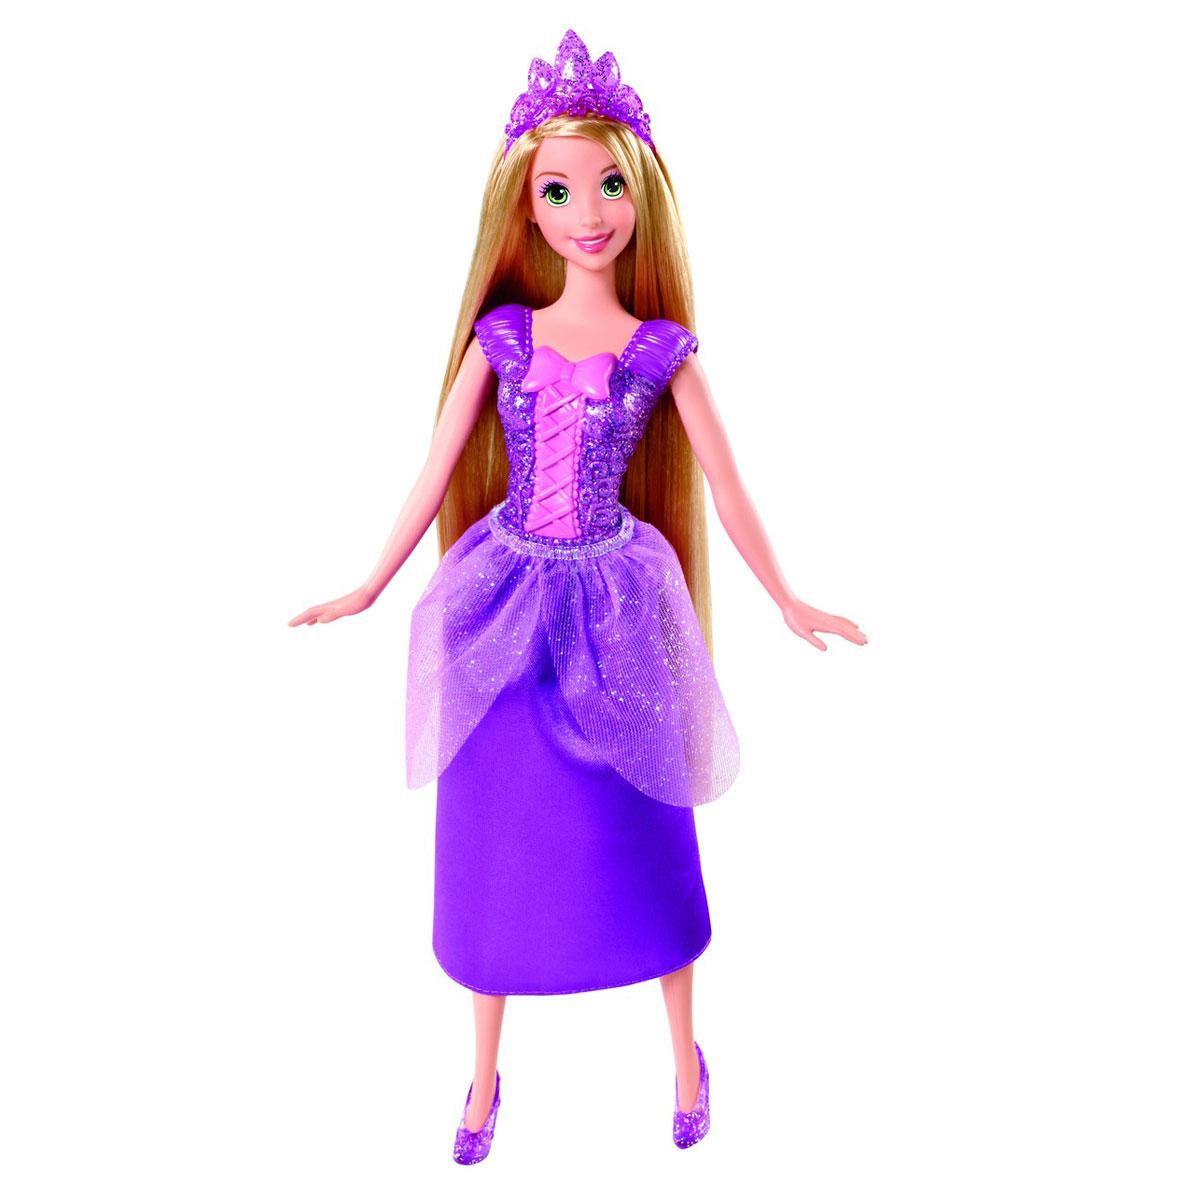 Disney Princess Кукла Принцесса в сверкающем наряде Рапунцель